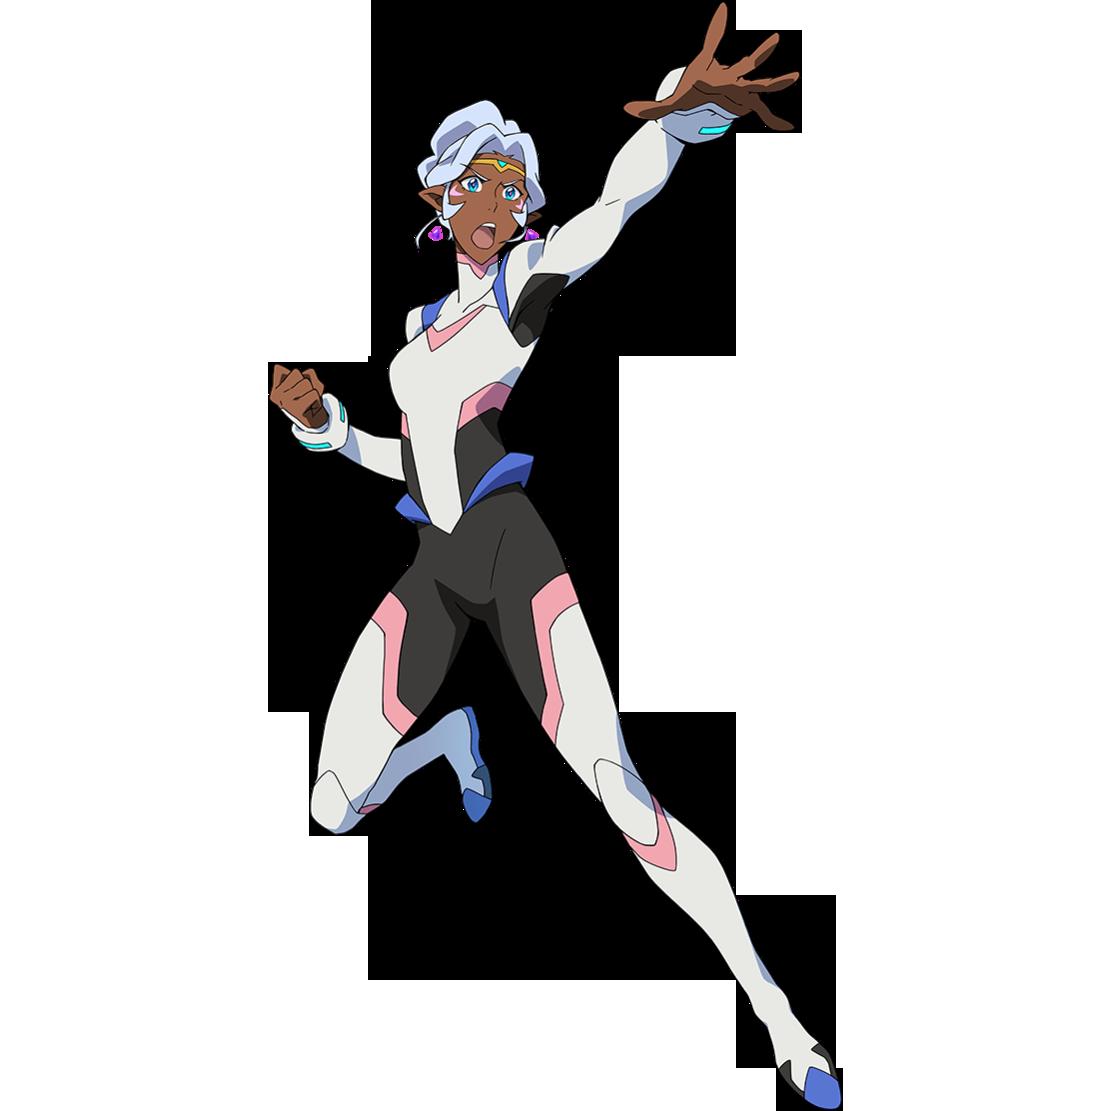 Allura (Legendary Defender)